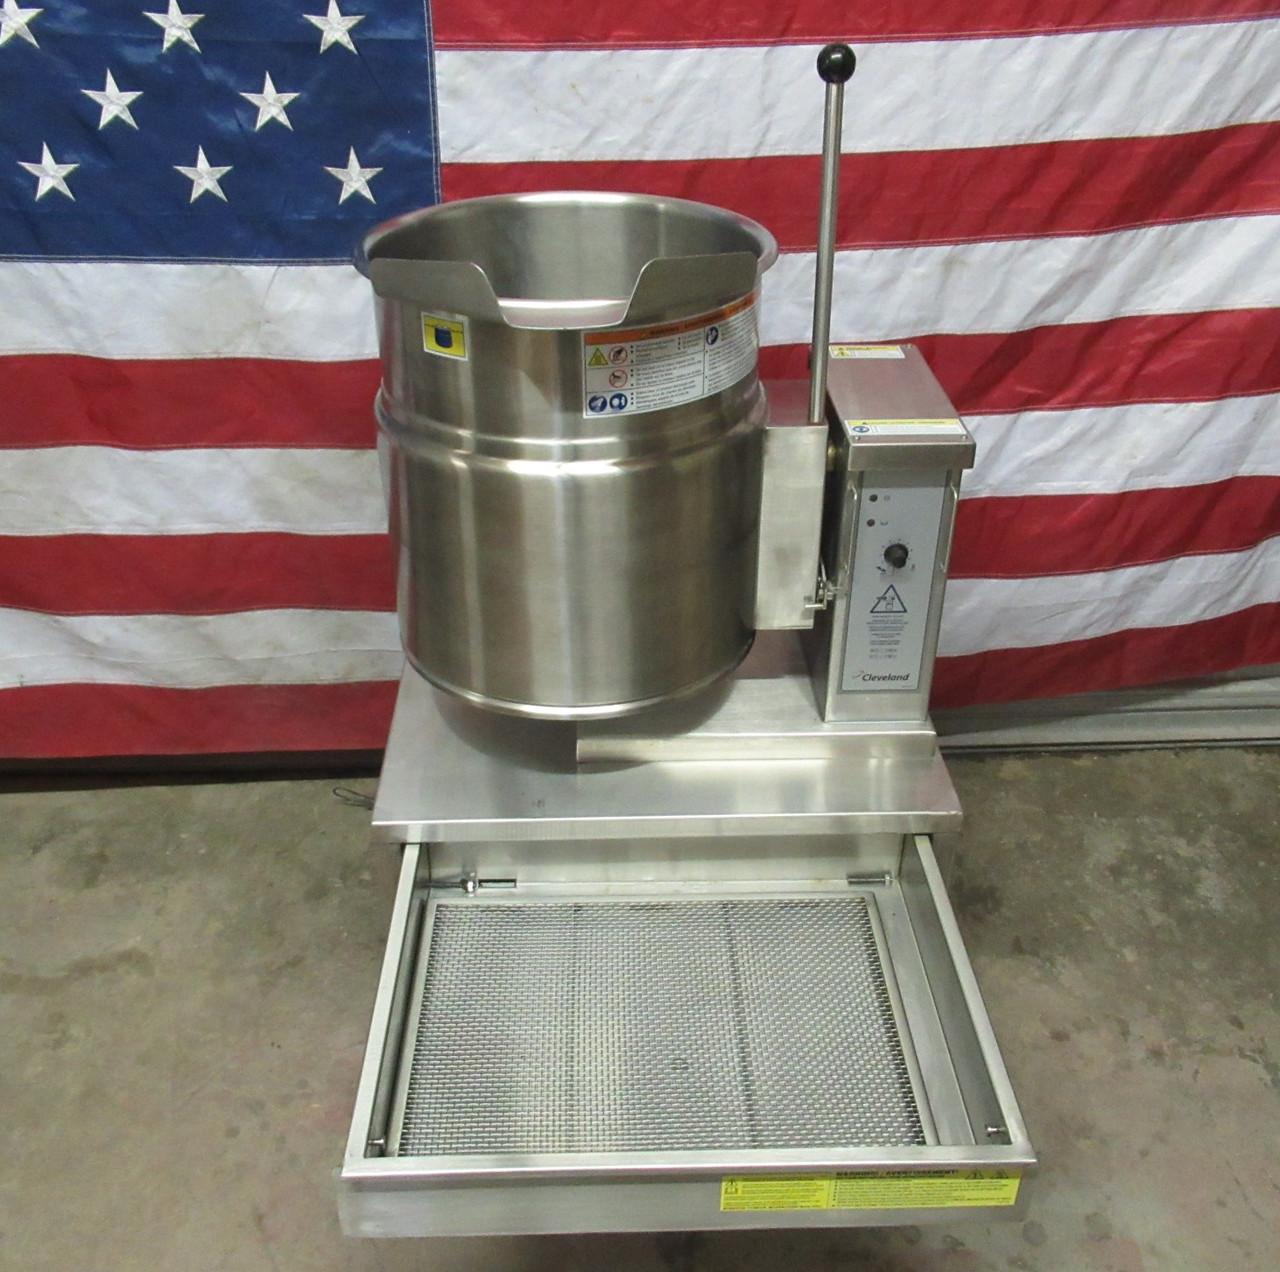 2016 Cleveland Electric 12 Gal Tabletop Tilt Kettle KET-12T 208V